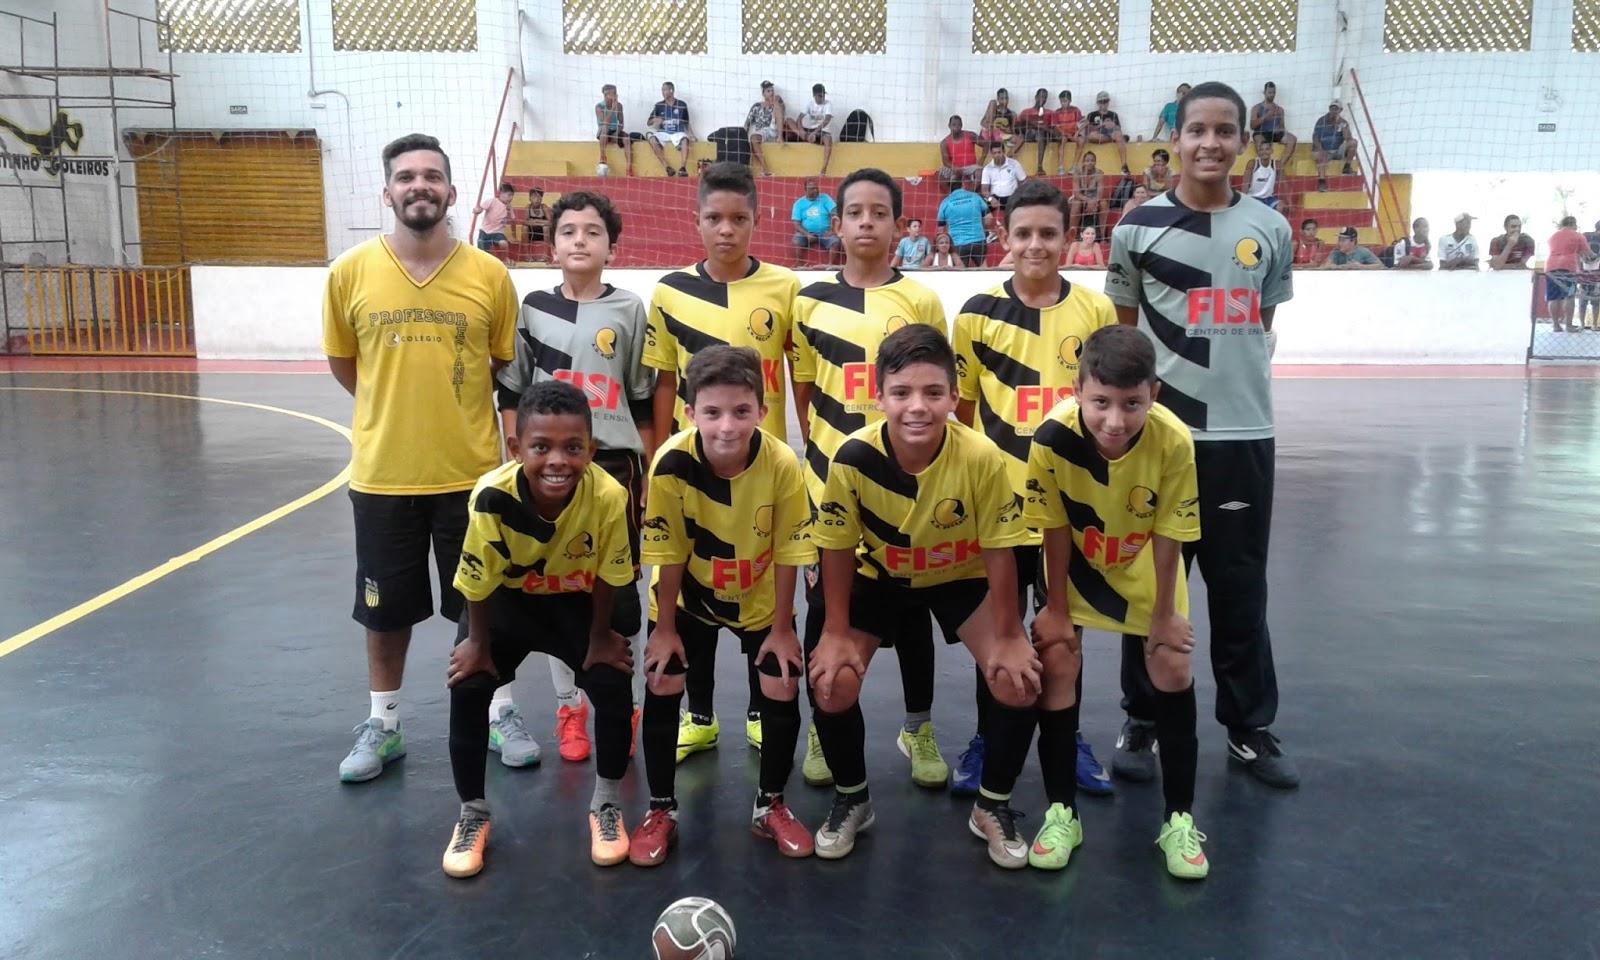 bc7ff452c6bf7 ... mostrou o porque é uma das favoritas a conquista do título Copa CNA de  Futsal Escolar. No clássico contra o Colégio Objetivo Praia Grande